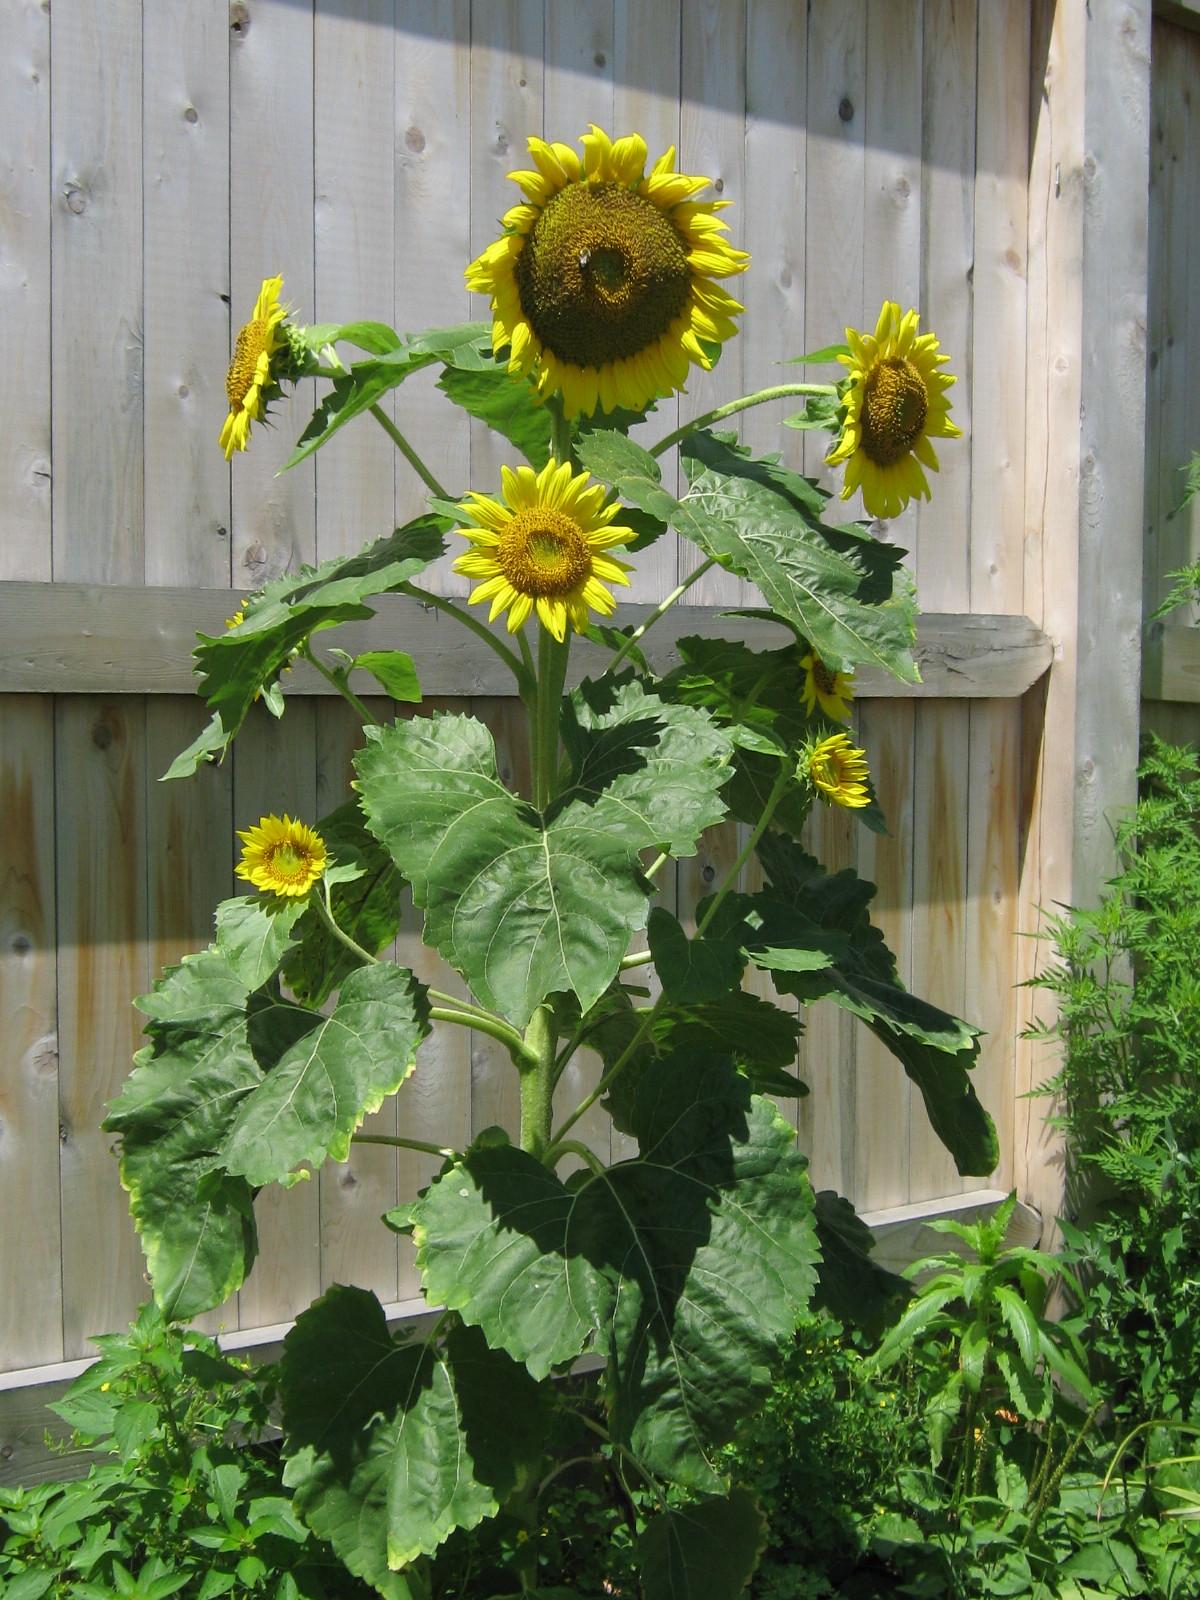 Sunflower in full glory